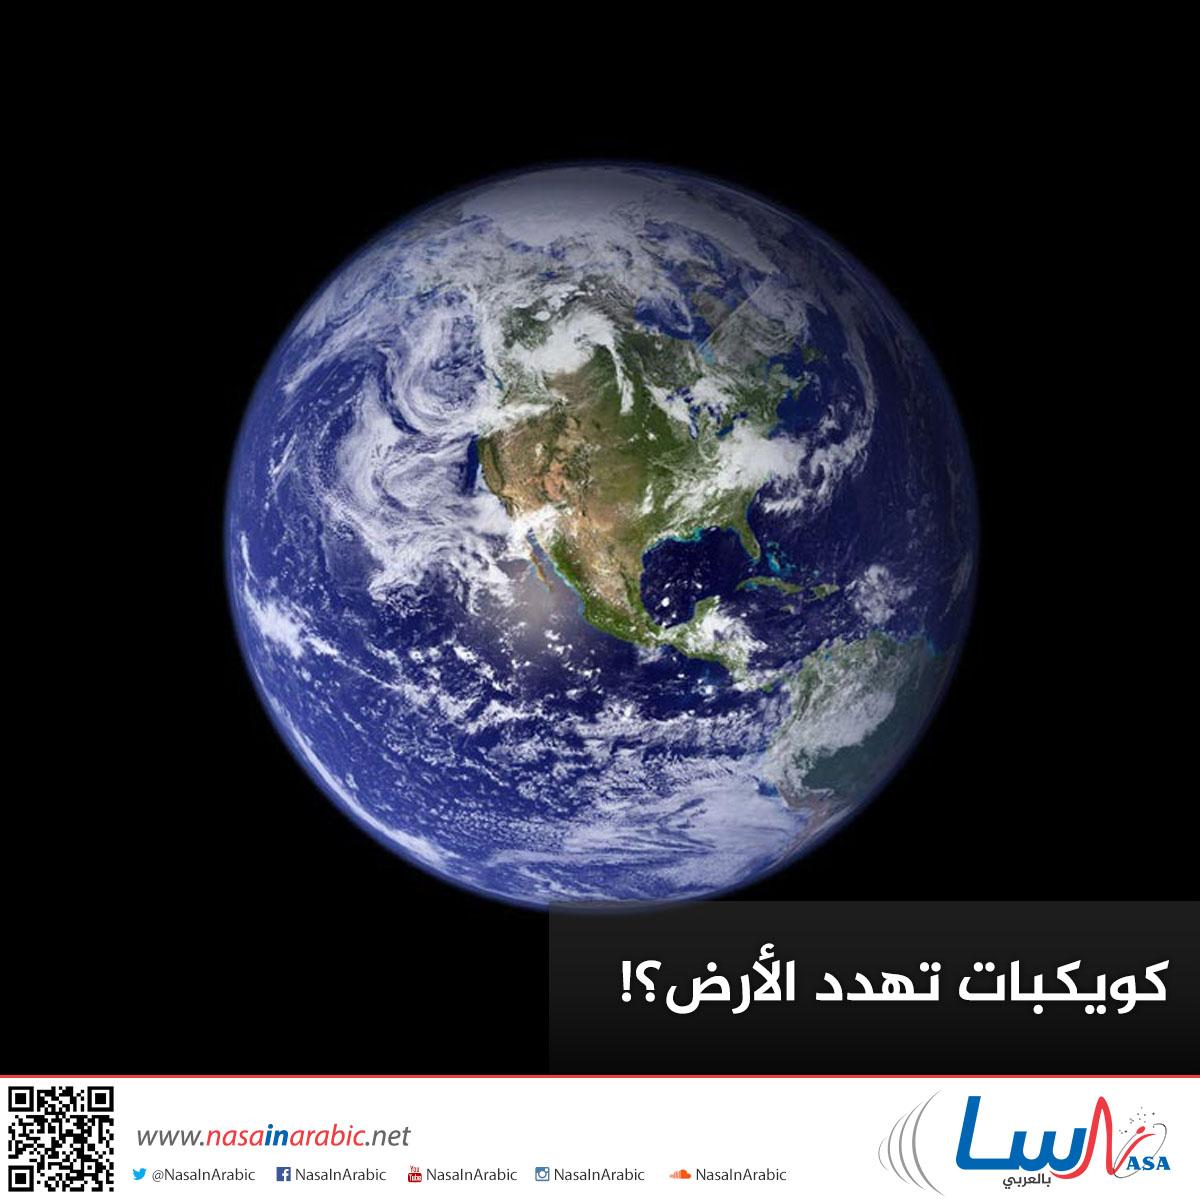 كويكبات تهدد الأرض؟!